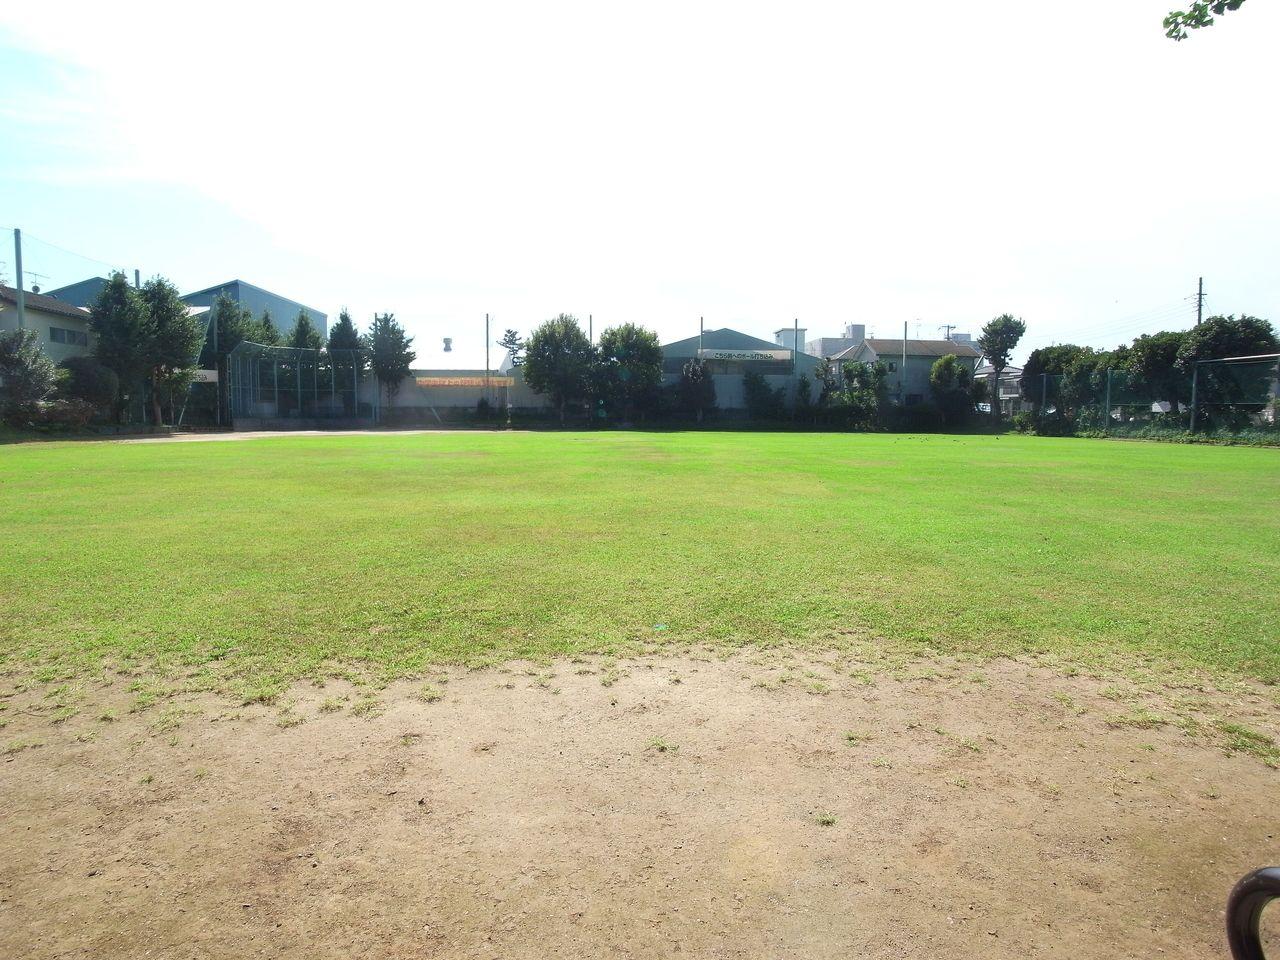 「少年野球のできる大きさ」として 大人の野球、硬球の使用、サッカーボールの使用は禁じられています。